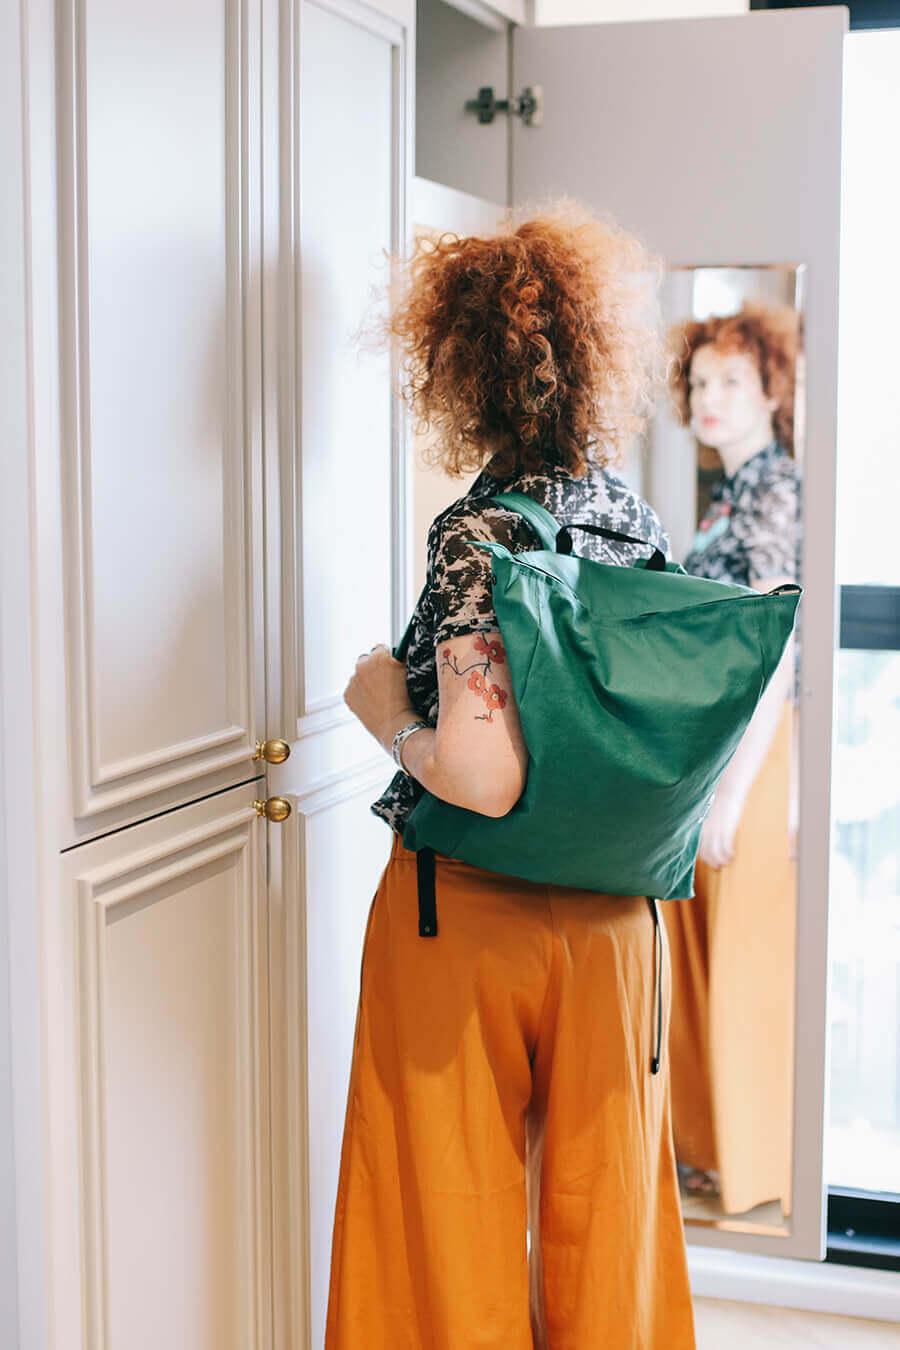 תיק גב בצבע ירוק